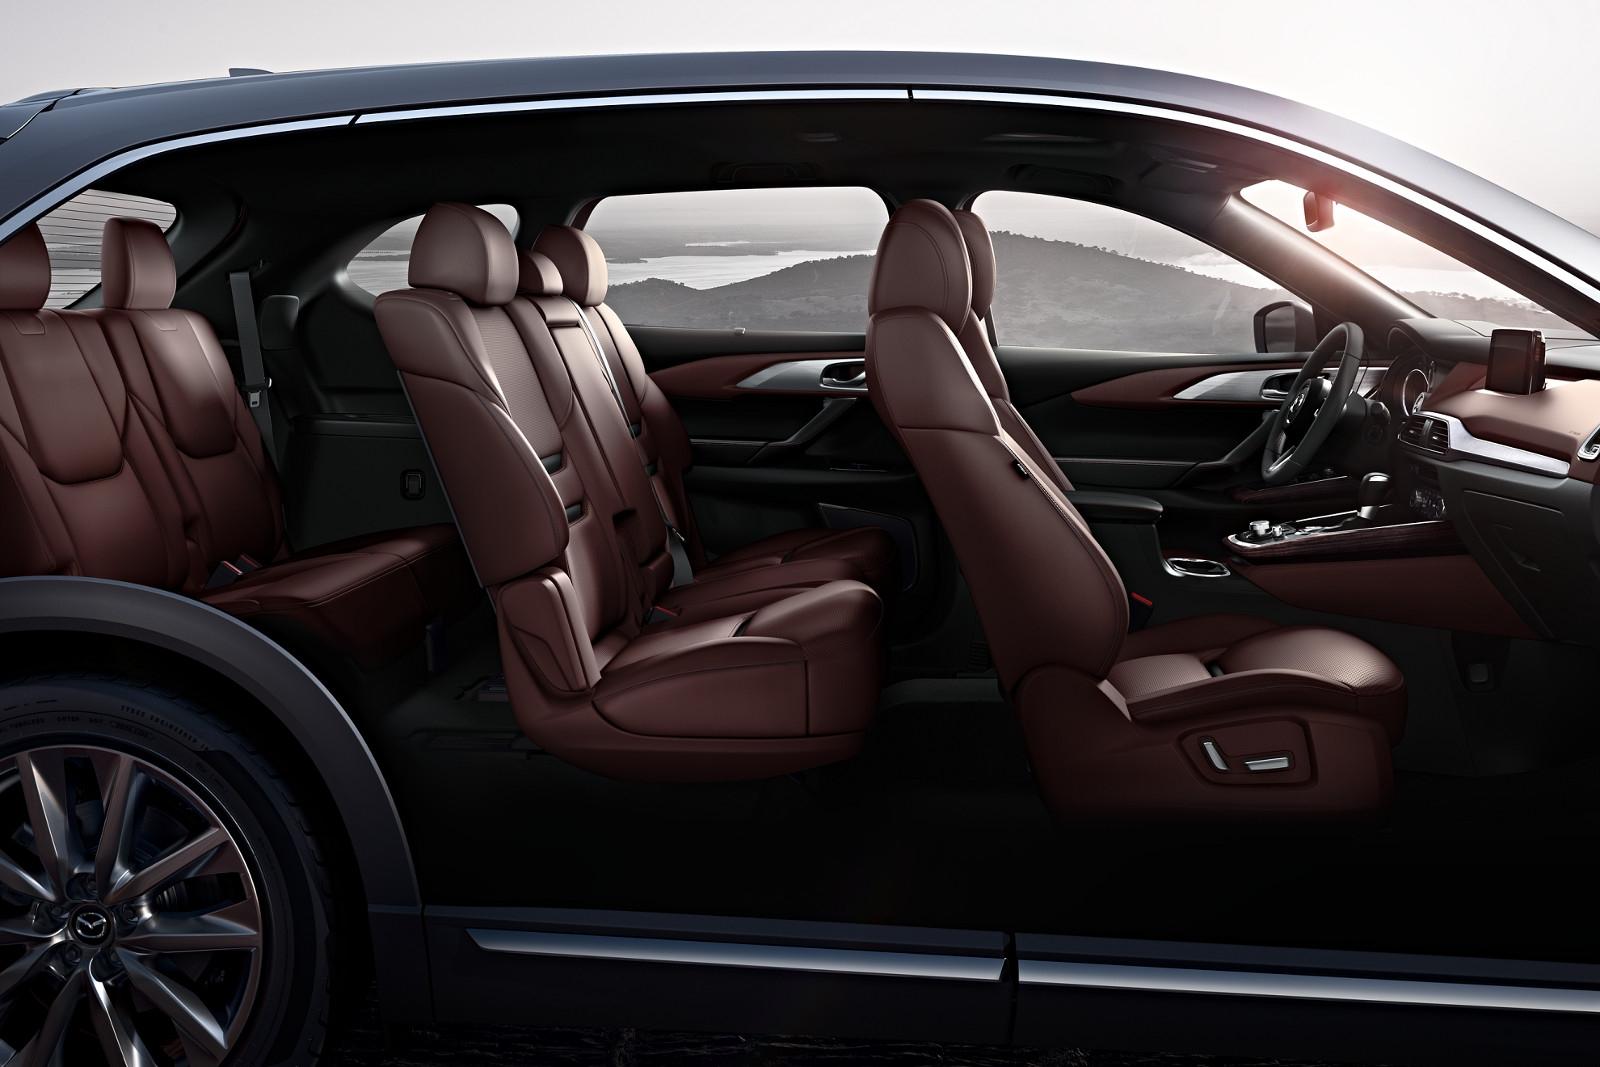 [Image: S0-Salon-de-Los-Angeles-Mazda-le-CX-9-of...366774.jpg]